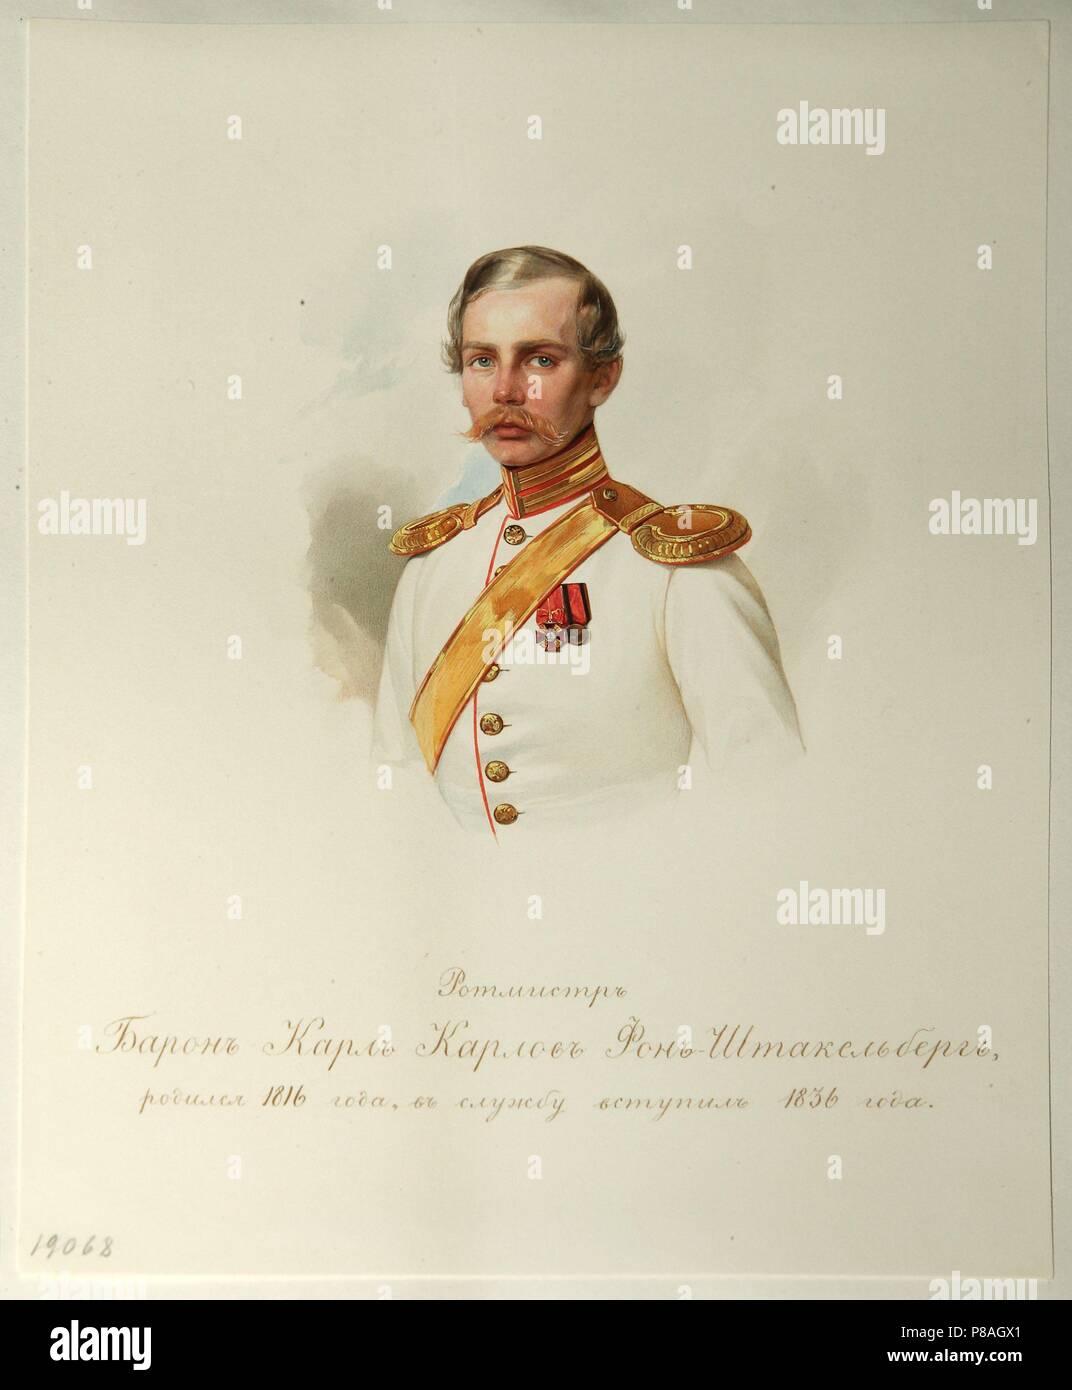 Ritratto del barone Karl Karlovich von Stackelberg (1816-1887) (dall'Album del Imperial Horse Guards). Museo: Institut della letteratura russa IRLI (Pushkin-House), San Pietroburgo. Foto Stock